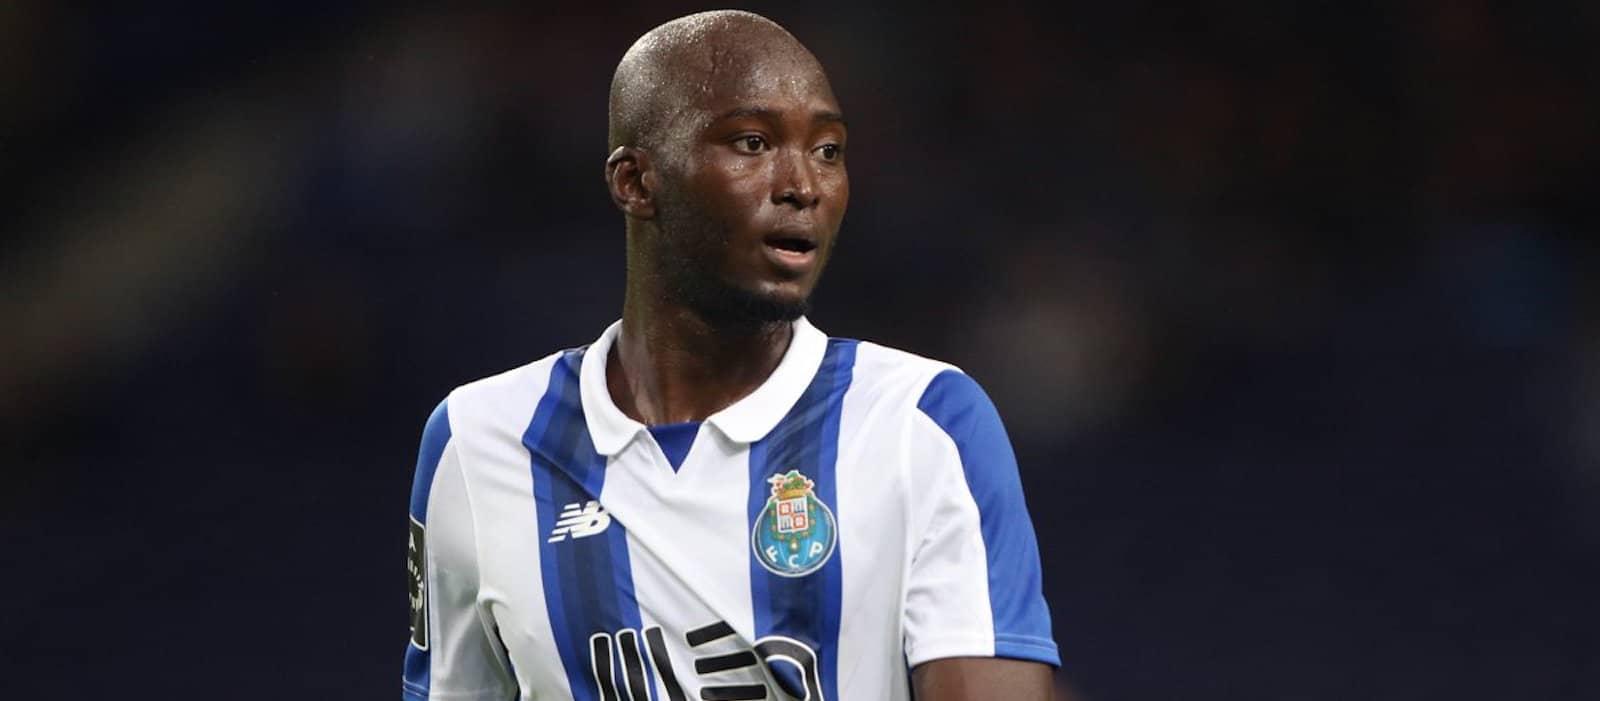 Mercato - Le PSG pourrait piocher Danilo Pereira au FC Porto